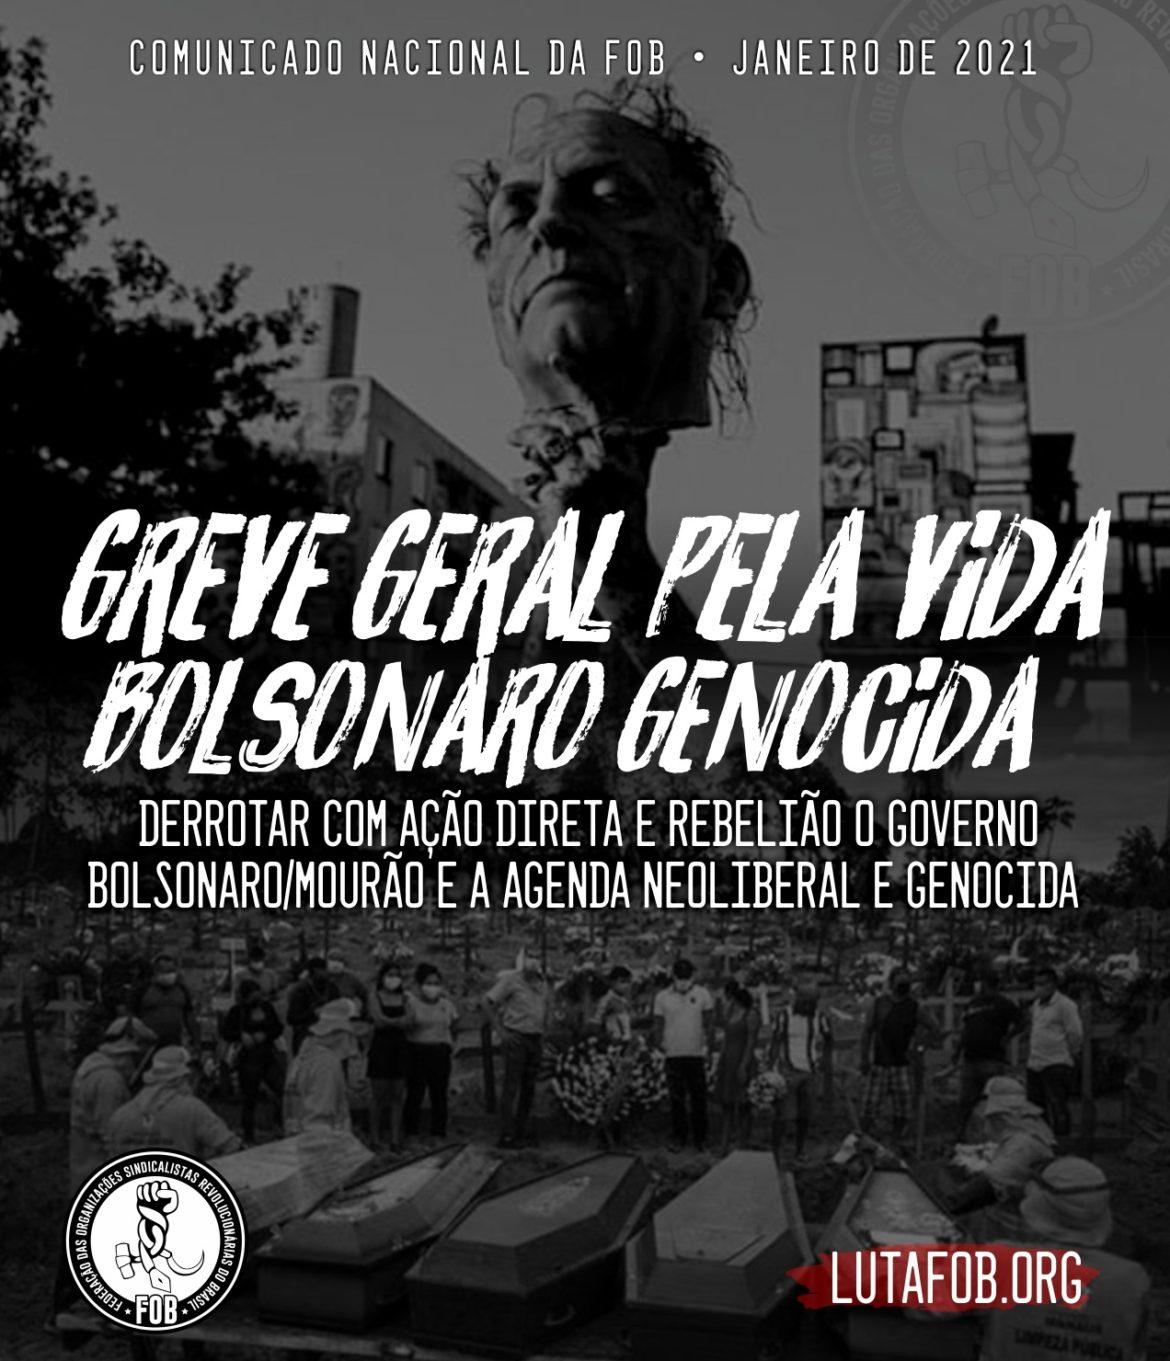 GREVE GERAL PELA VIDA, BOLSONARO GENOCIDA – Comunicado Nacional da FOB